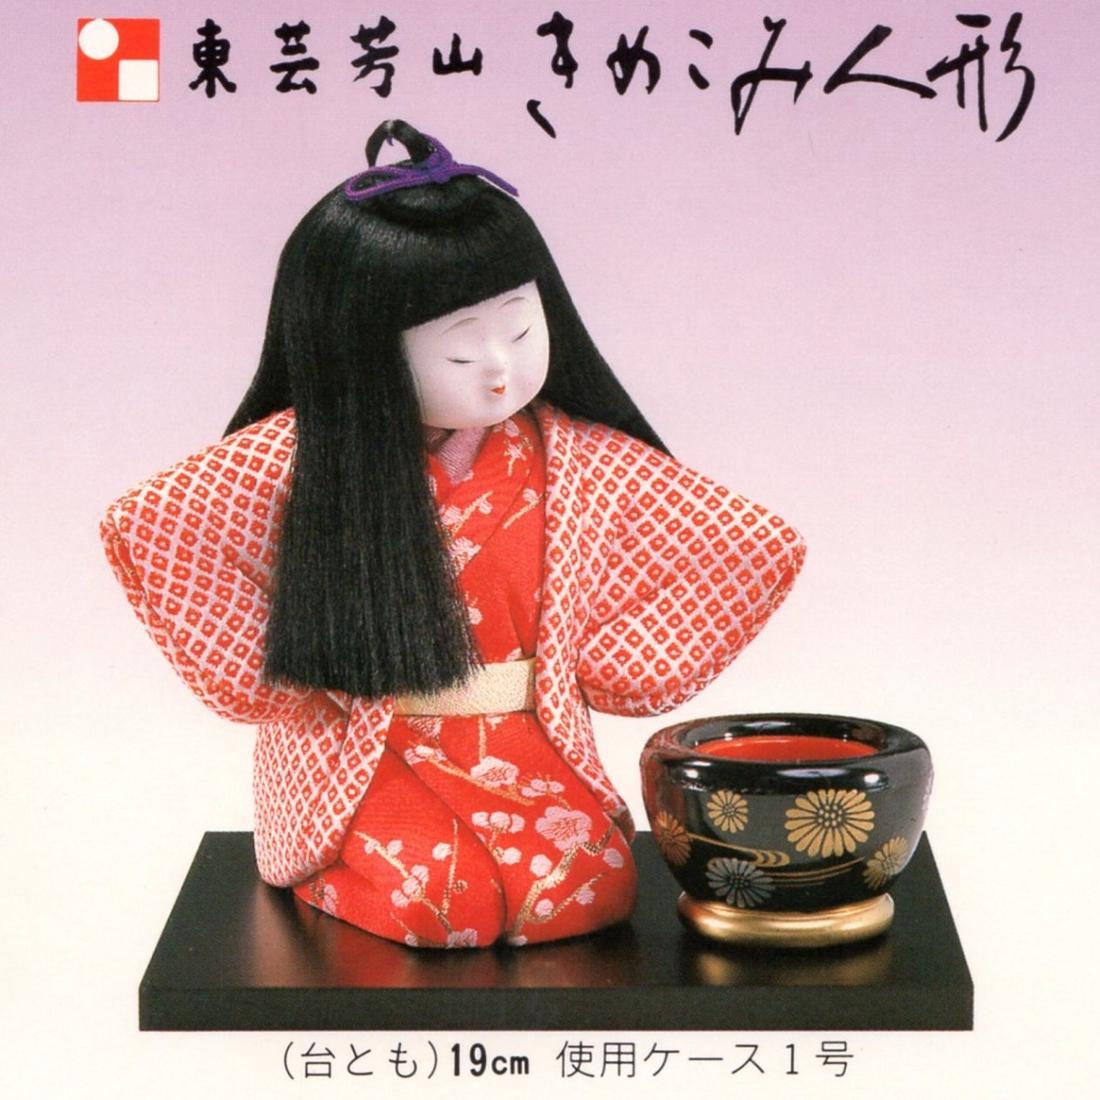 東芸 木目込人形キット「江戸わらべ・初霜」 H102-01